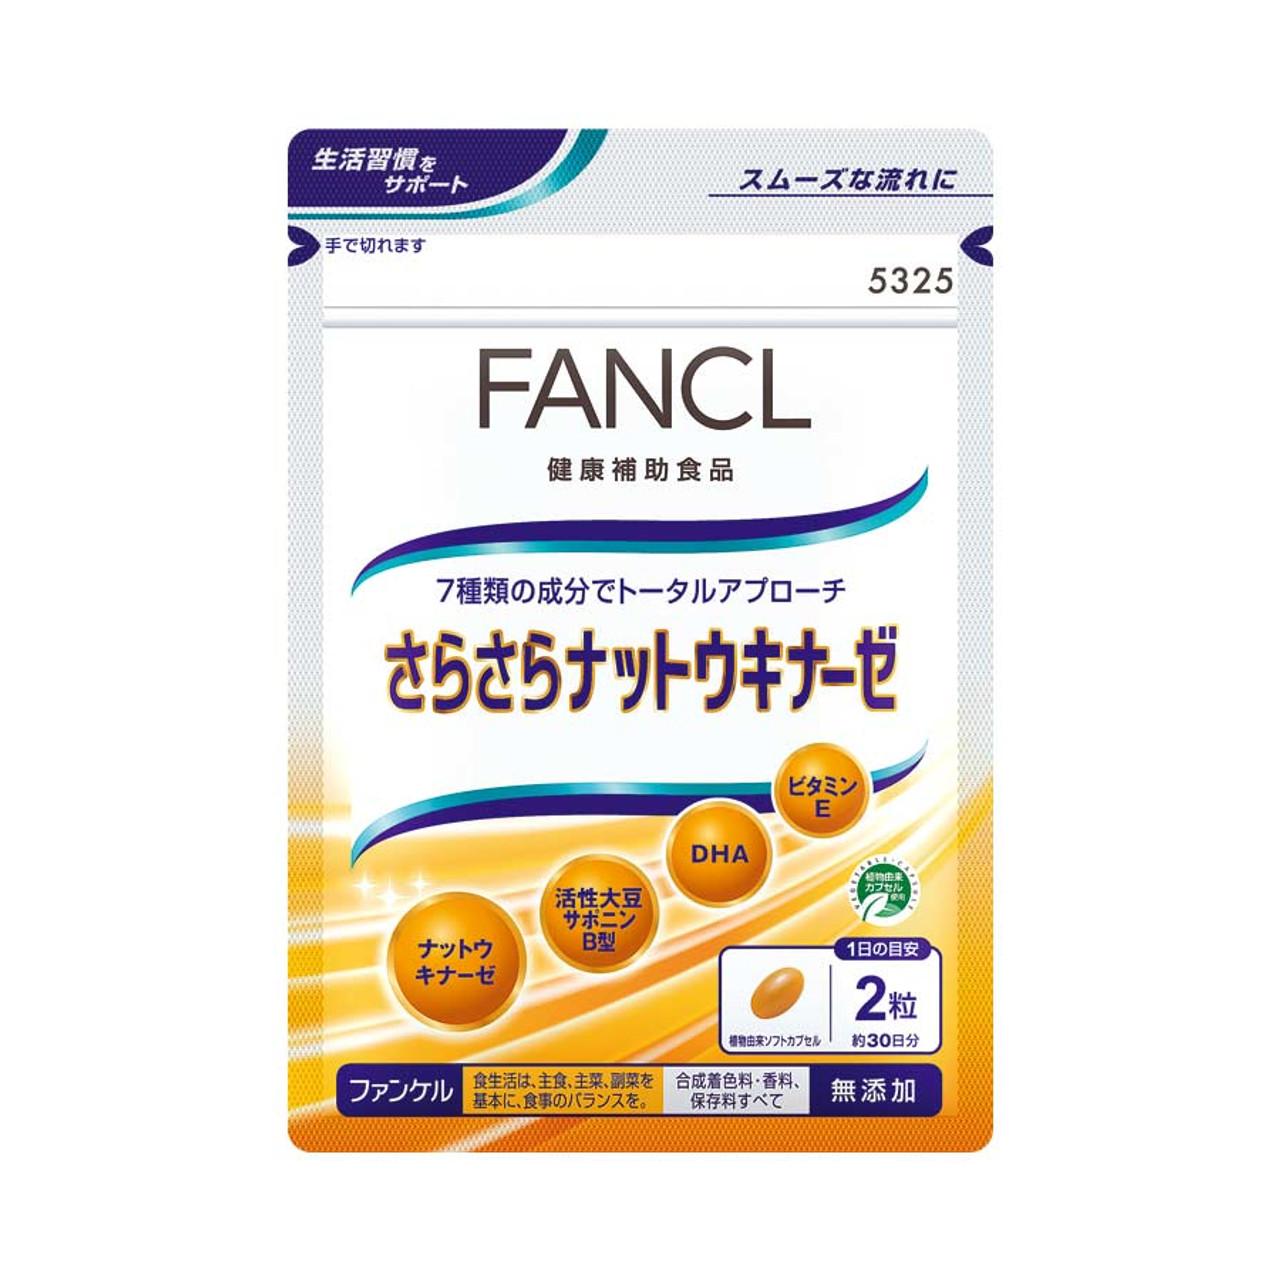 Fancl Nattokinase DHA Наттокиназа и Омега-3